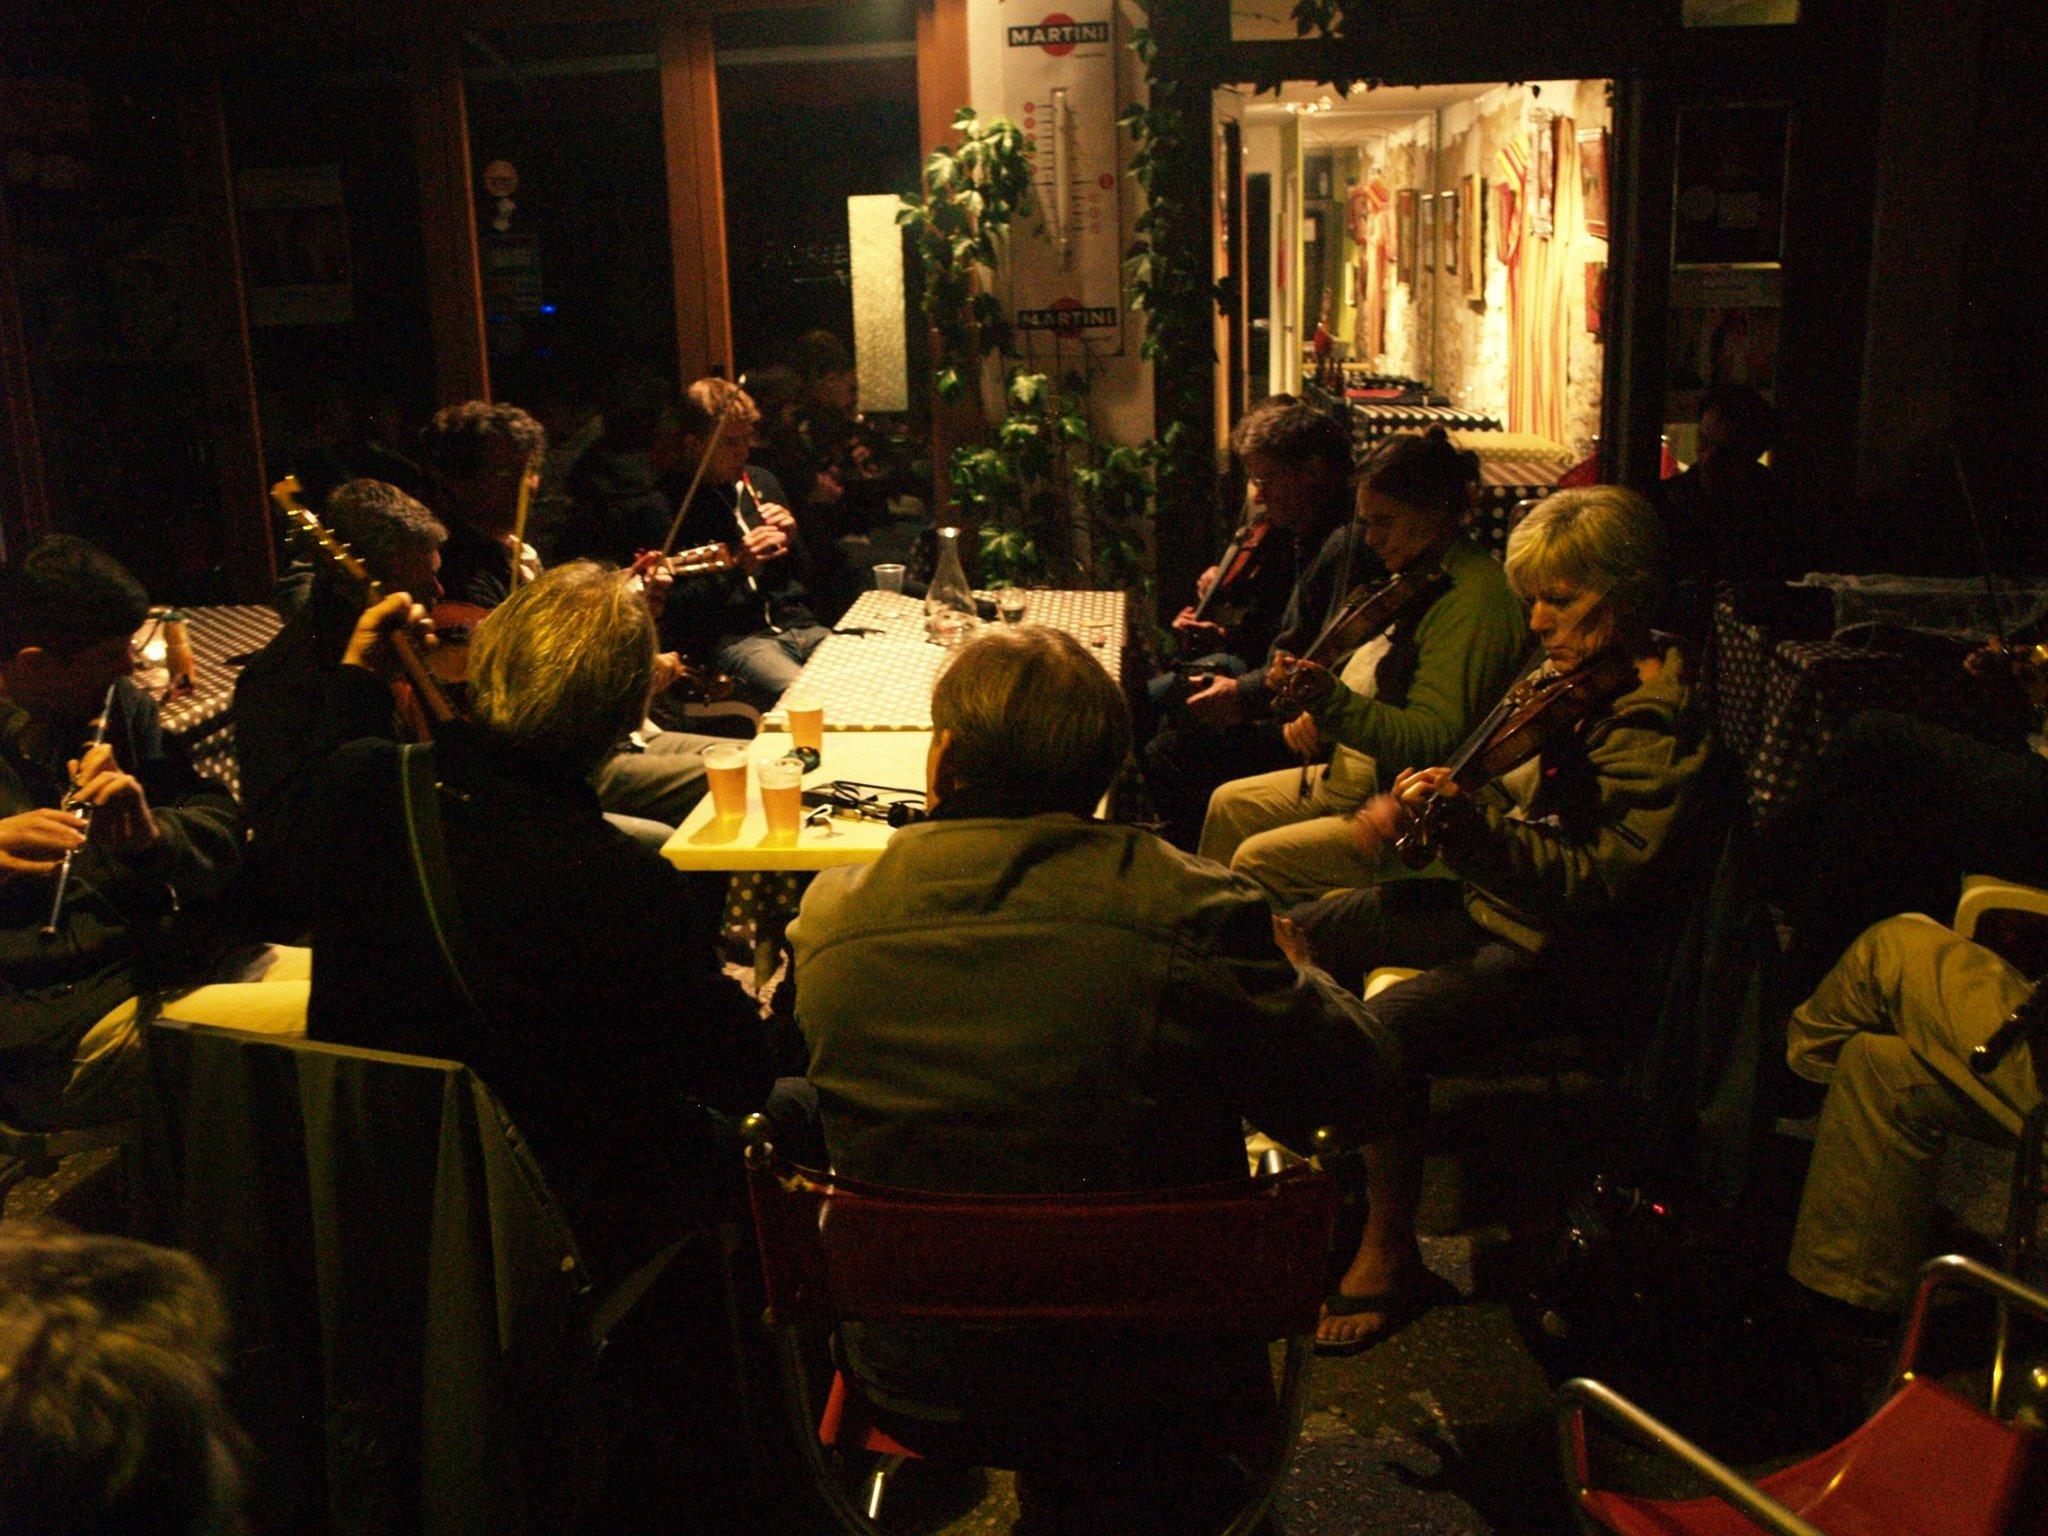 Samedi 15 février: Soirée musique Irlandaise au Café Pluche